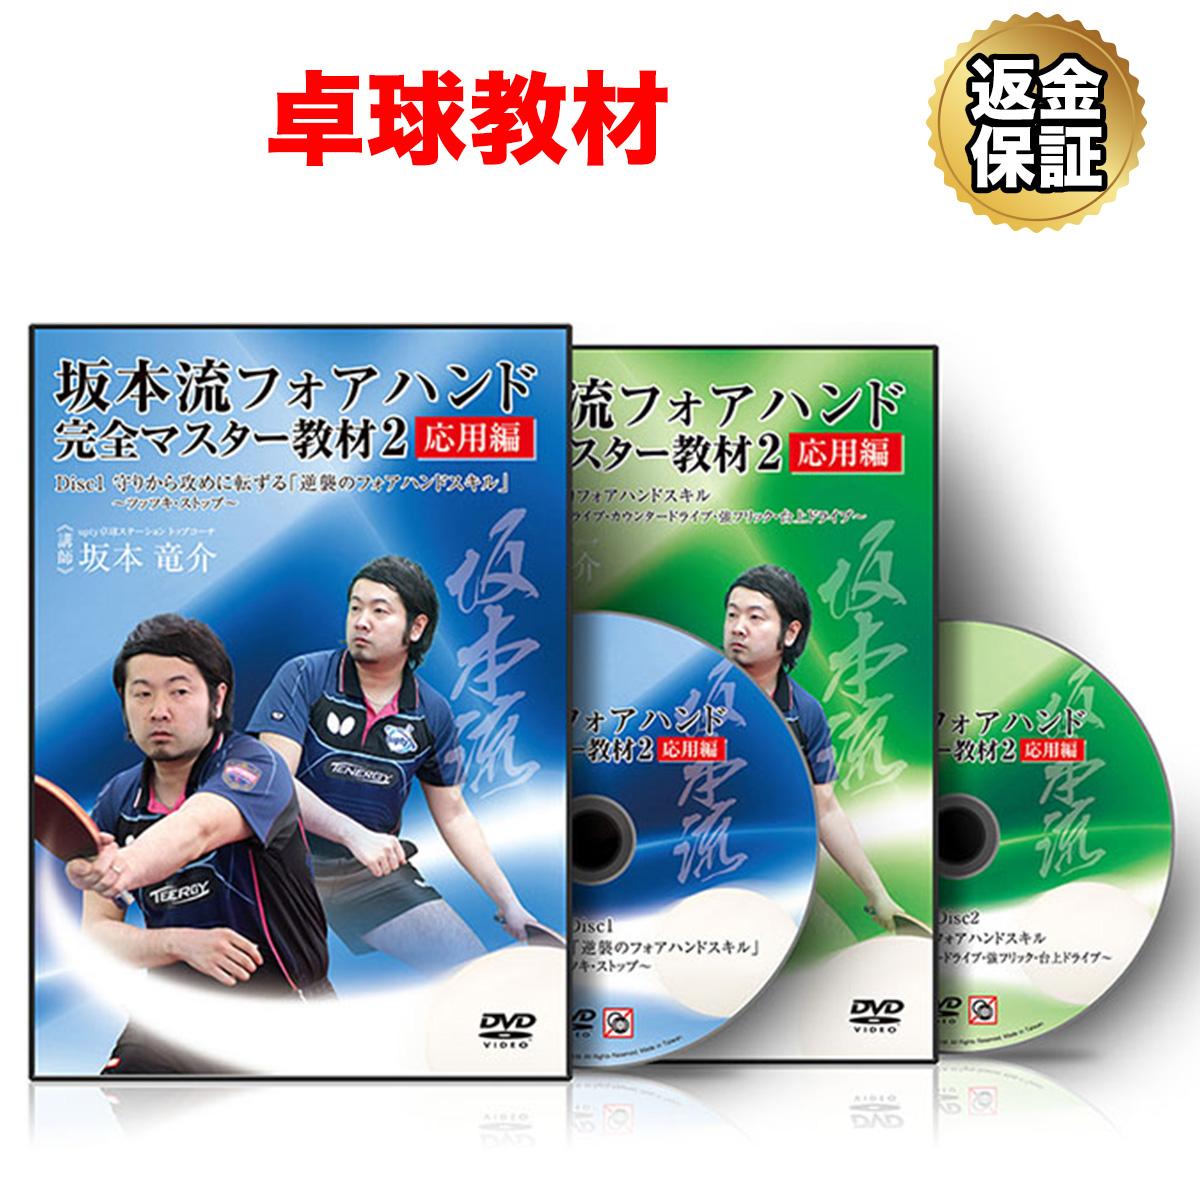 卓球 教材 DVD 坂本流フォアハンド完全マスター教材2~応用編~